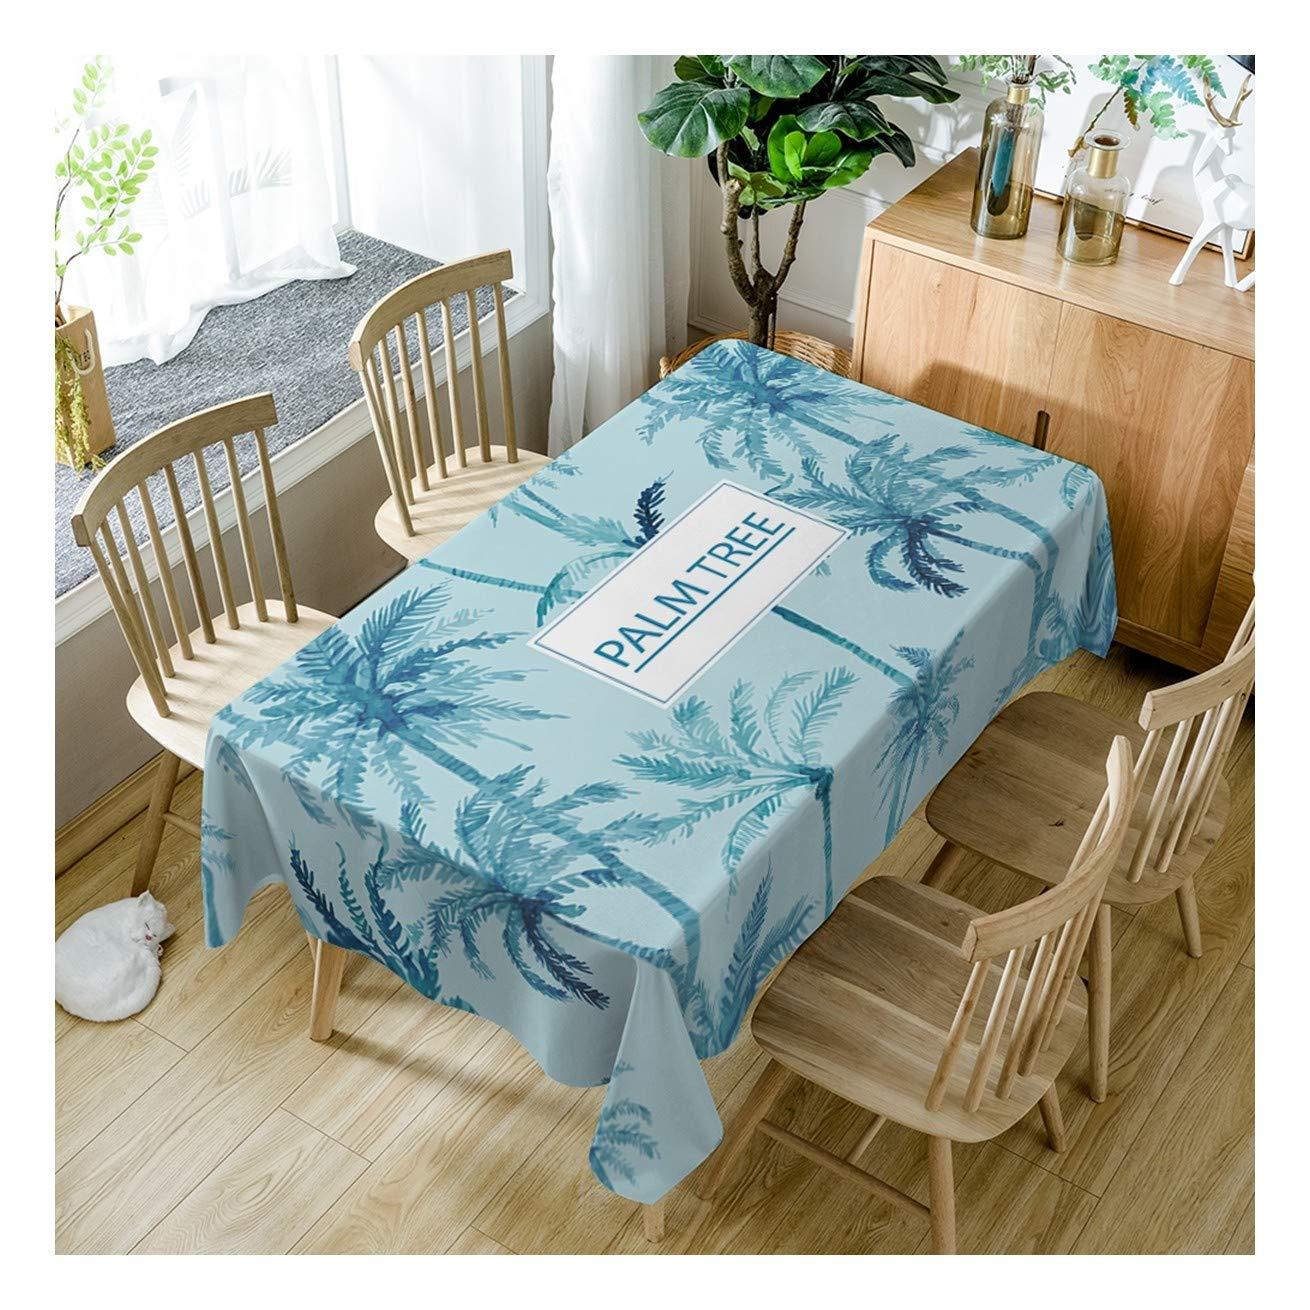 increíbles descuentos ZHAOXIANGXIANG Tabla Lavable Mat Elegante Azul Creativos Cocotero Patrón Decoracion Decoracion Decoracion Un Mantel,140Cmtimes;280Cm  punto de venta de la marca